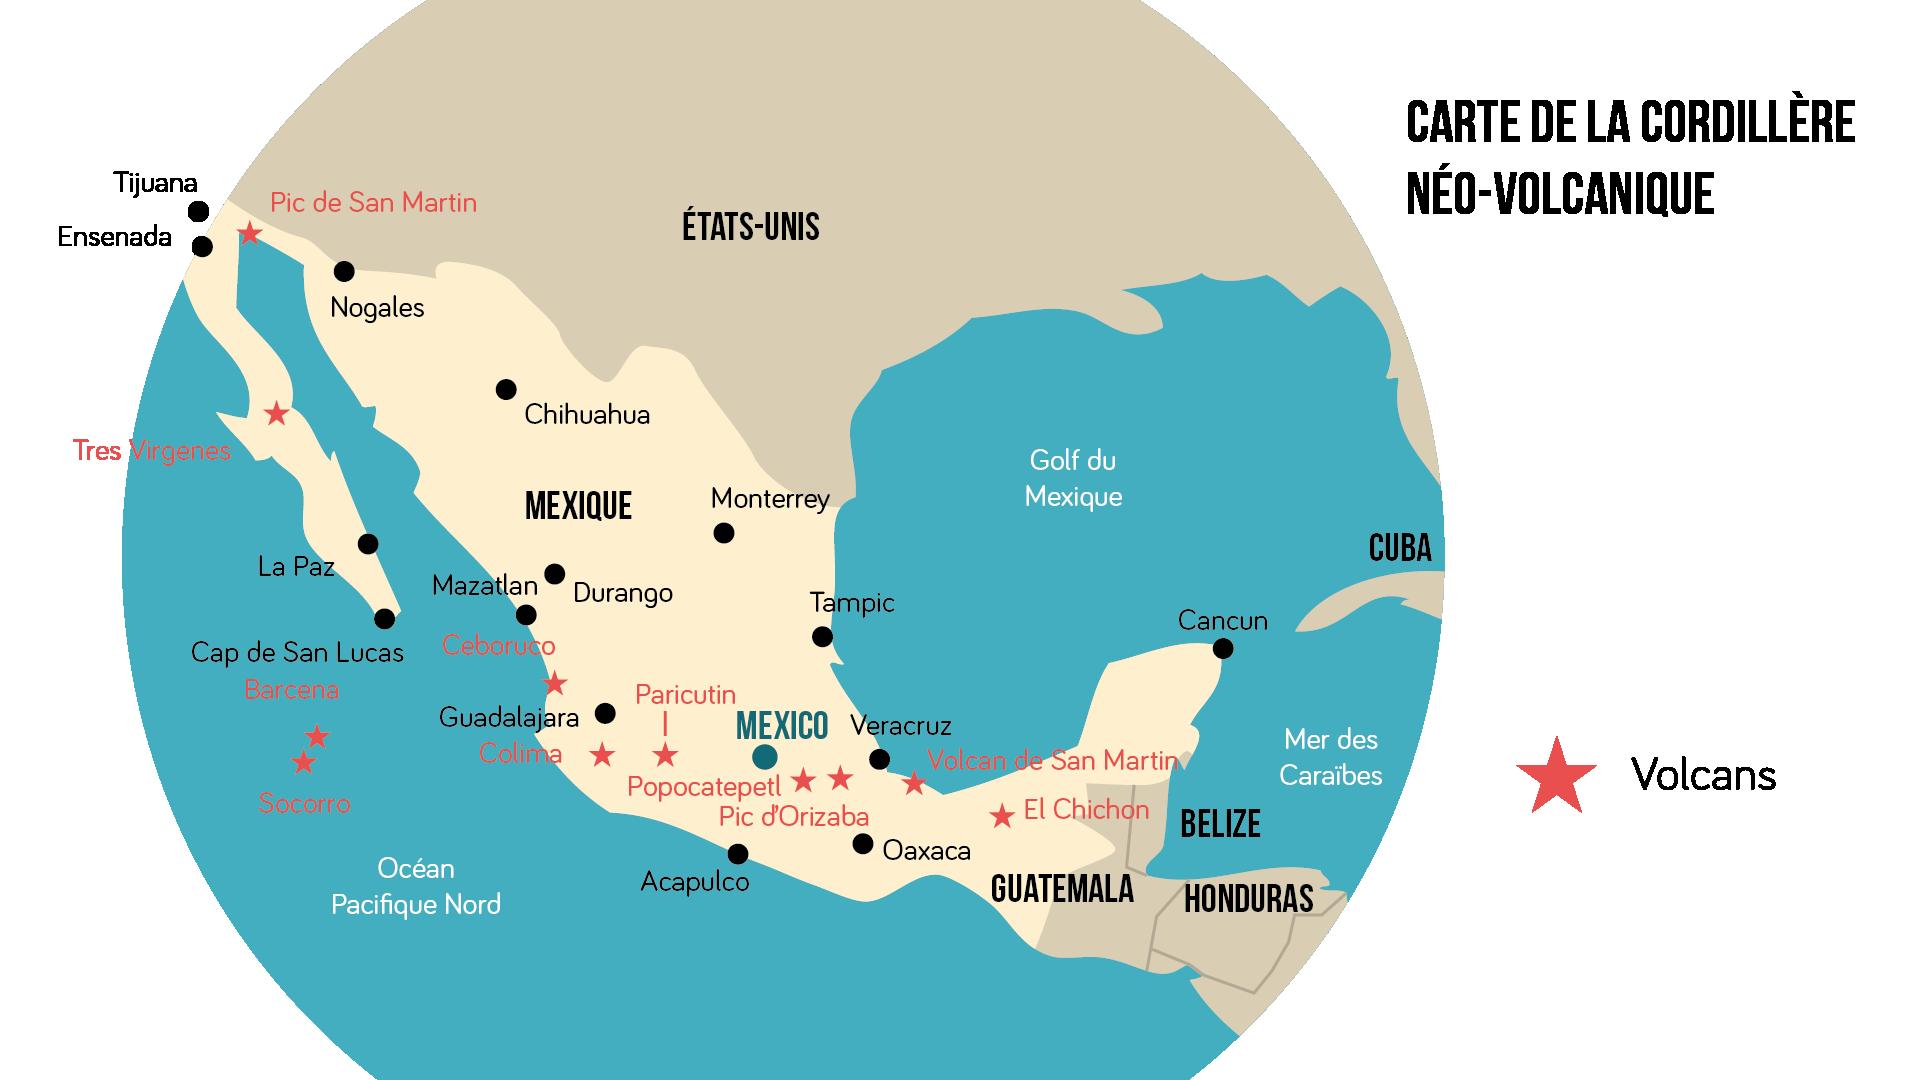 Carte de la cordillère néovolcanique Géographie seconde